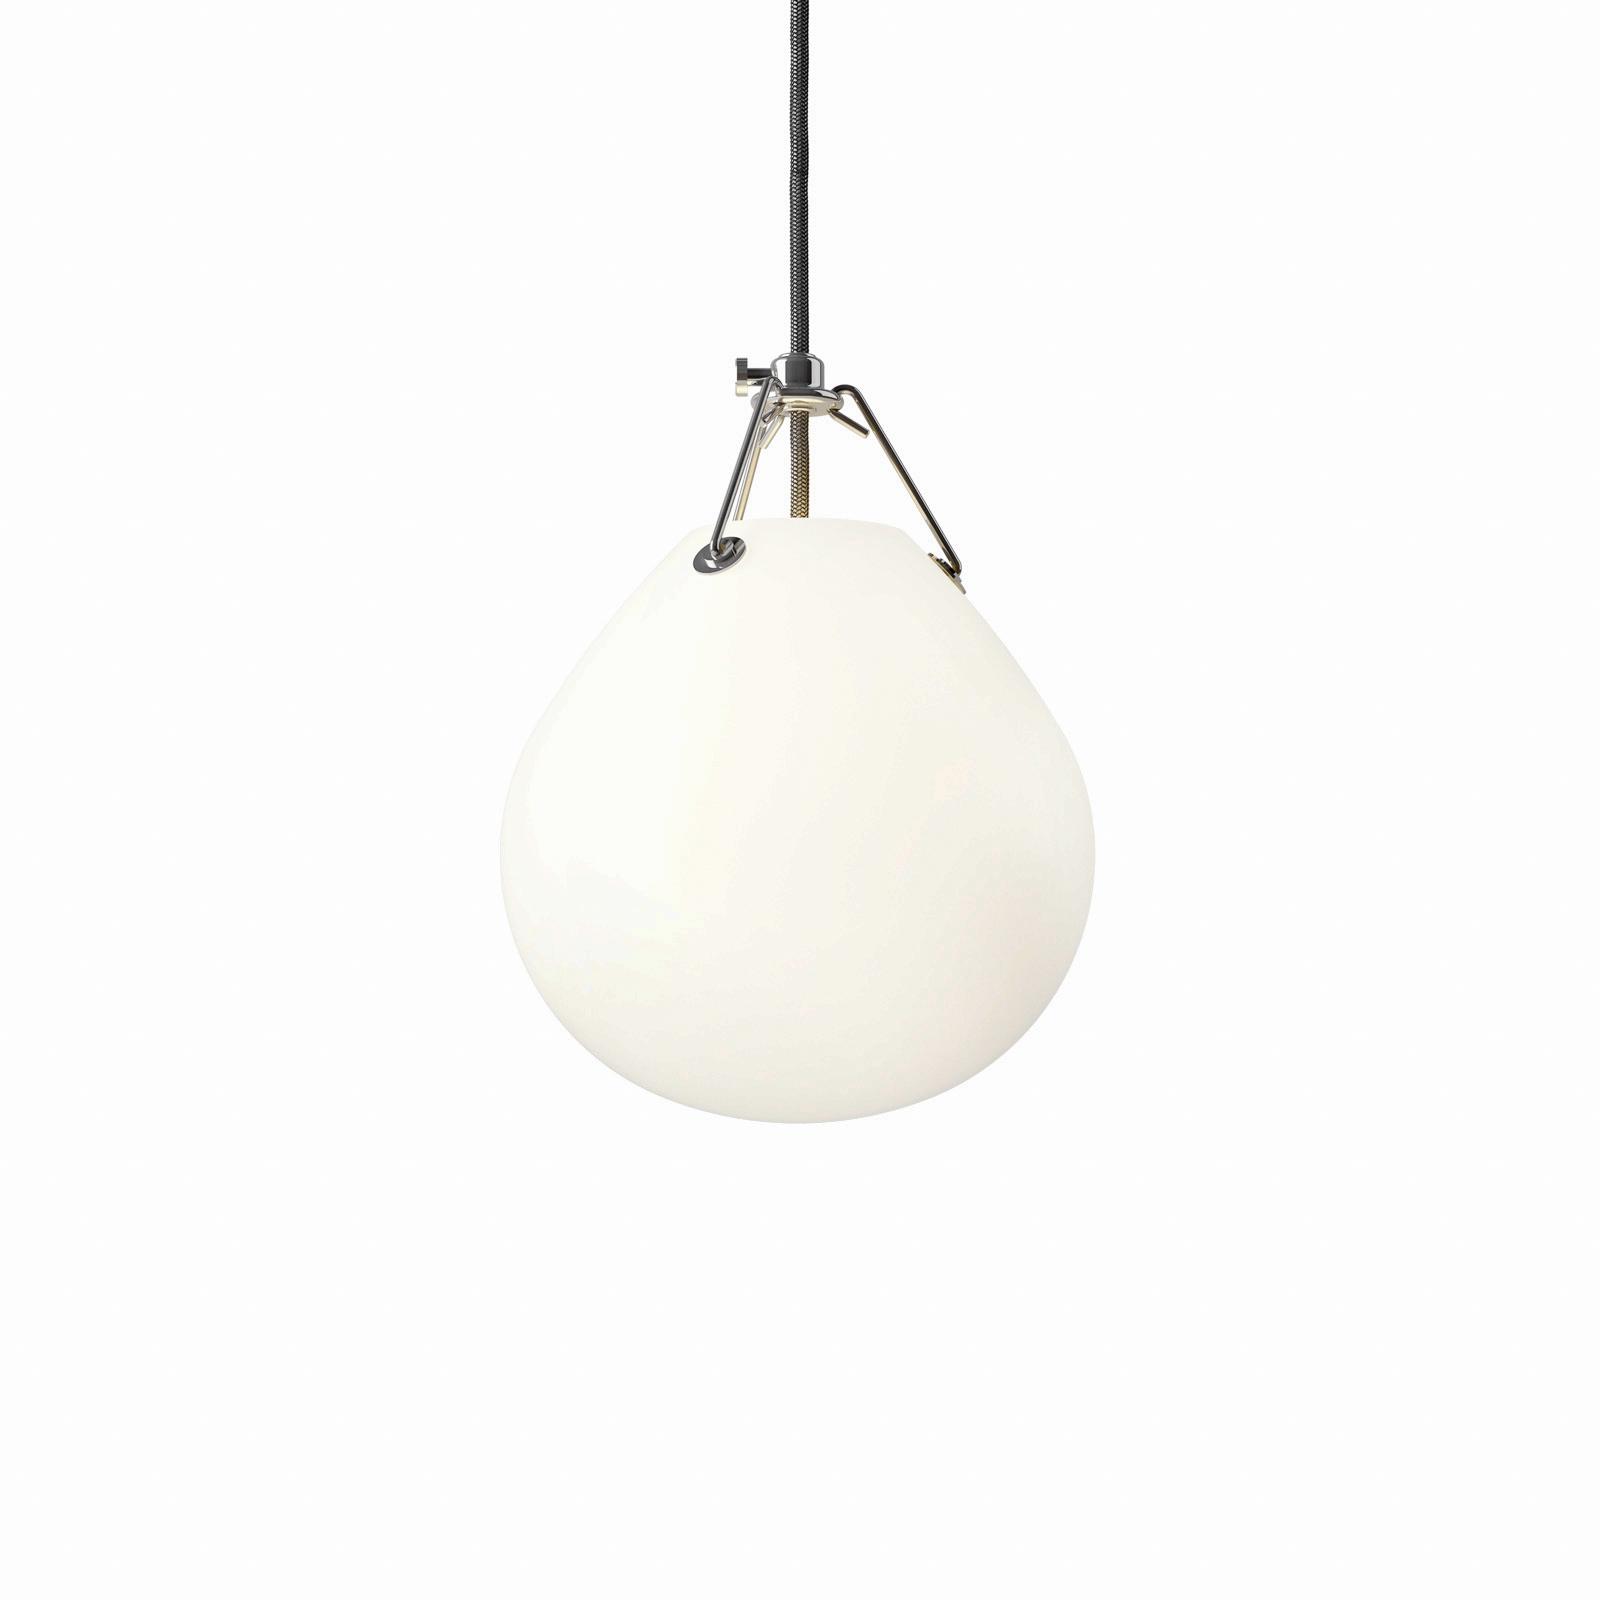 Louis Poulsen Moser glashængelampe, Ø 18,5 cm